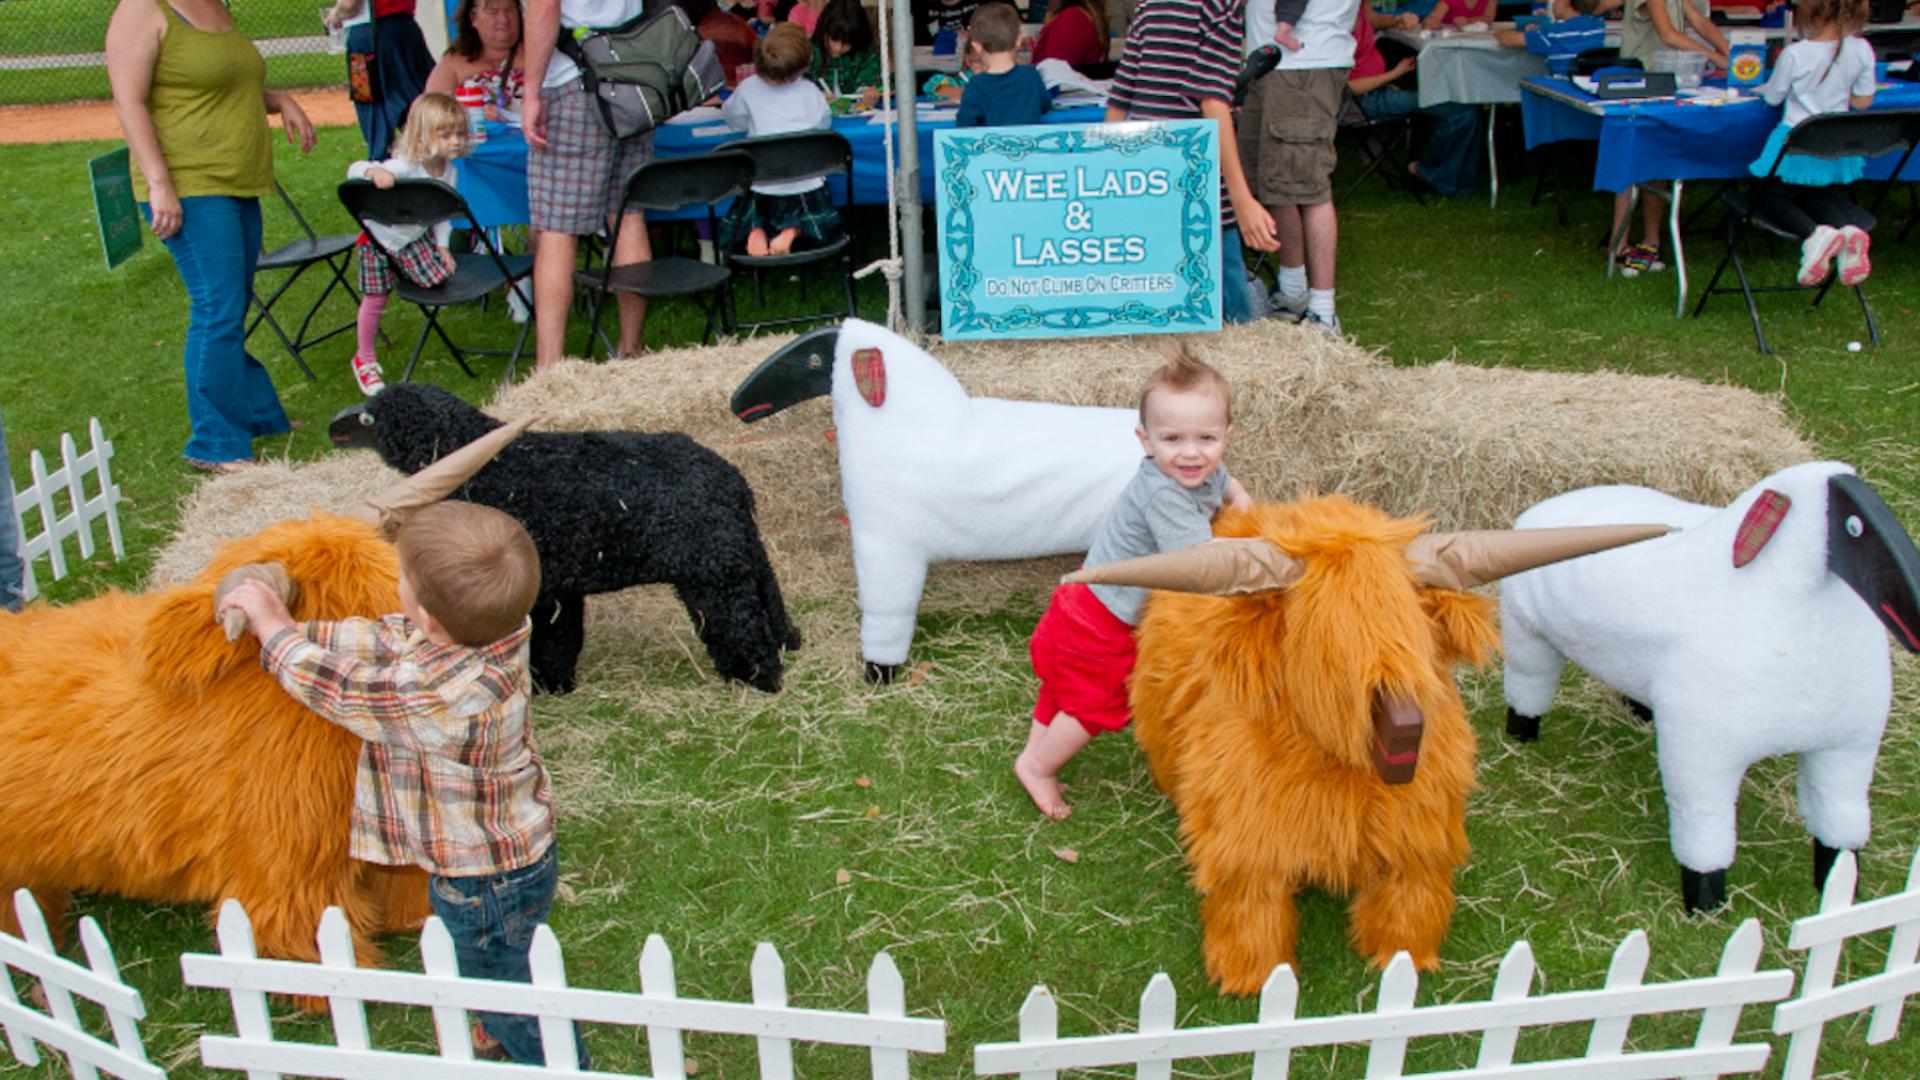 Cliquez ici pour en savoir plus sur Kilt & kids Village